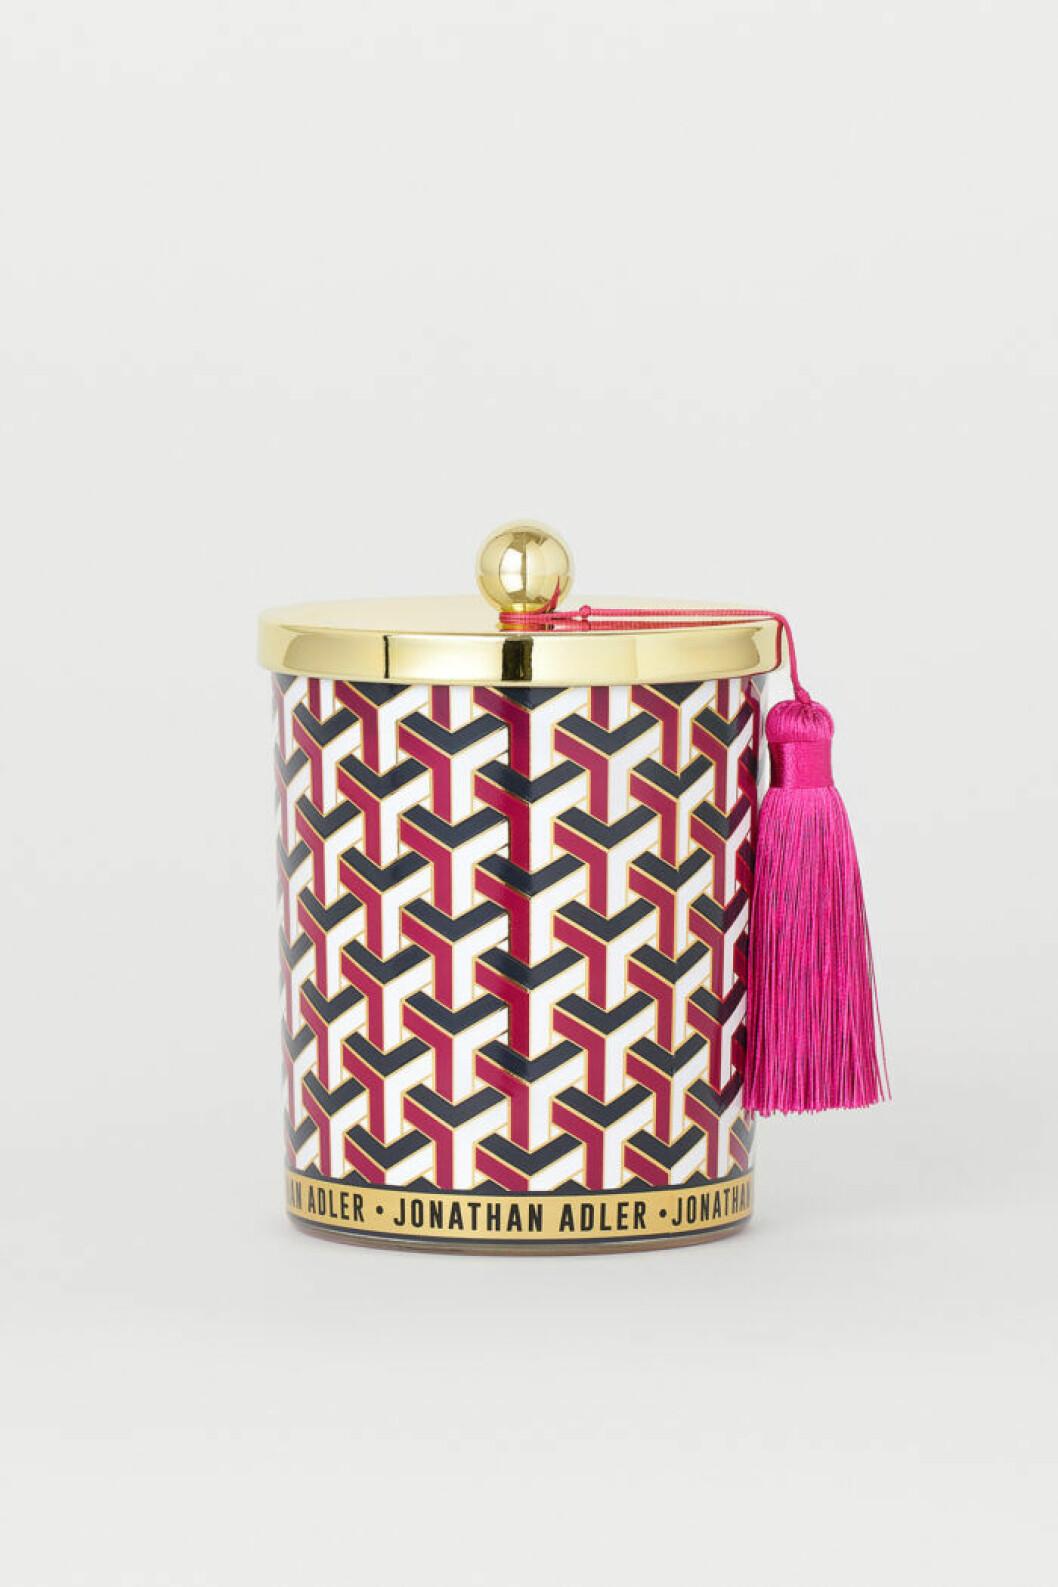 Prydnadsburk i guld, rosa, svart och vitt från Jonathan Adler x H&M